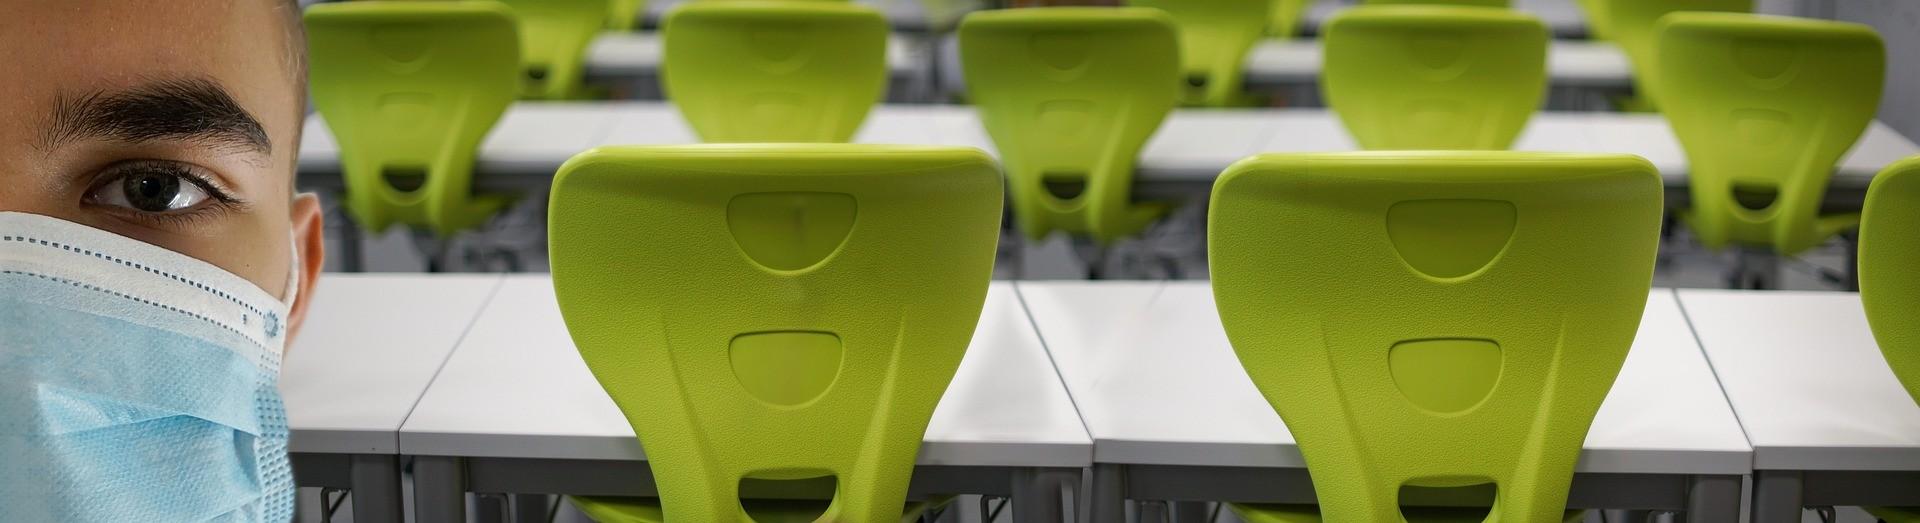 Educação: o fosso tecnológico que nos separa